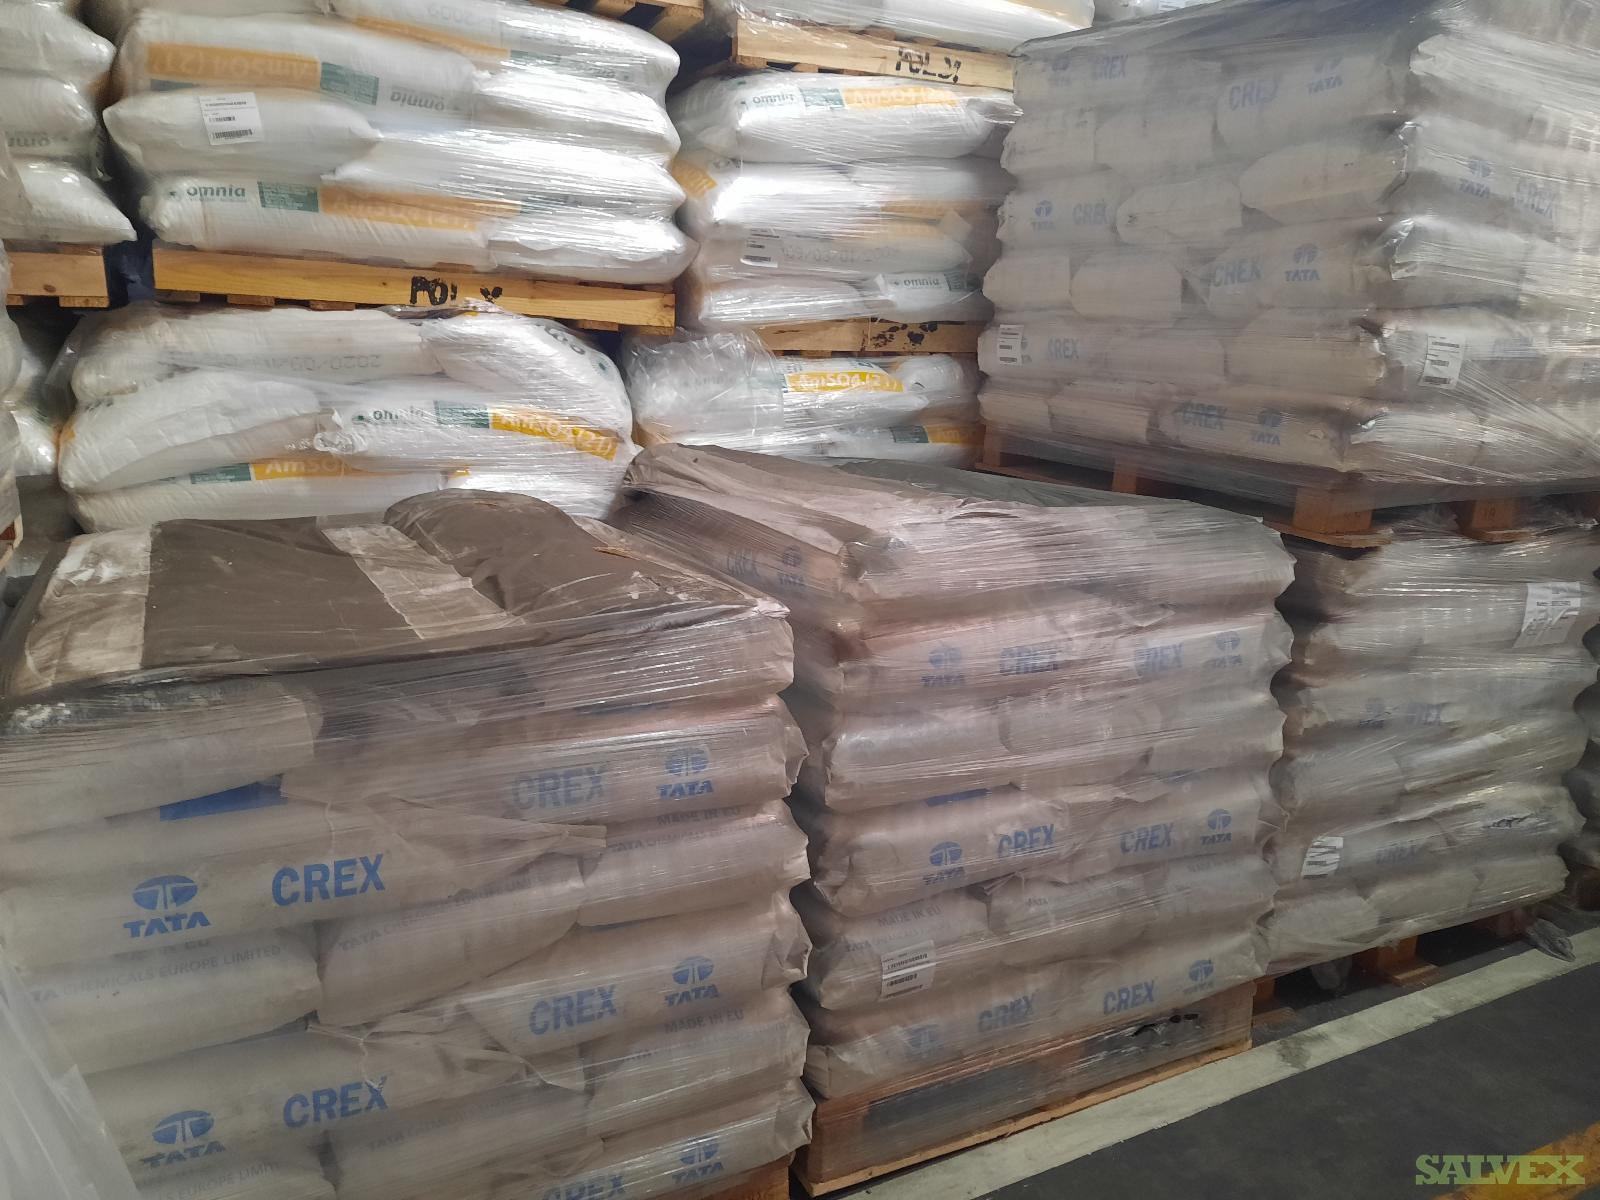 Brunner Mond (Tata Chemicals) Sodium Sesquicarbonate (40 MT)